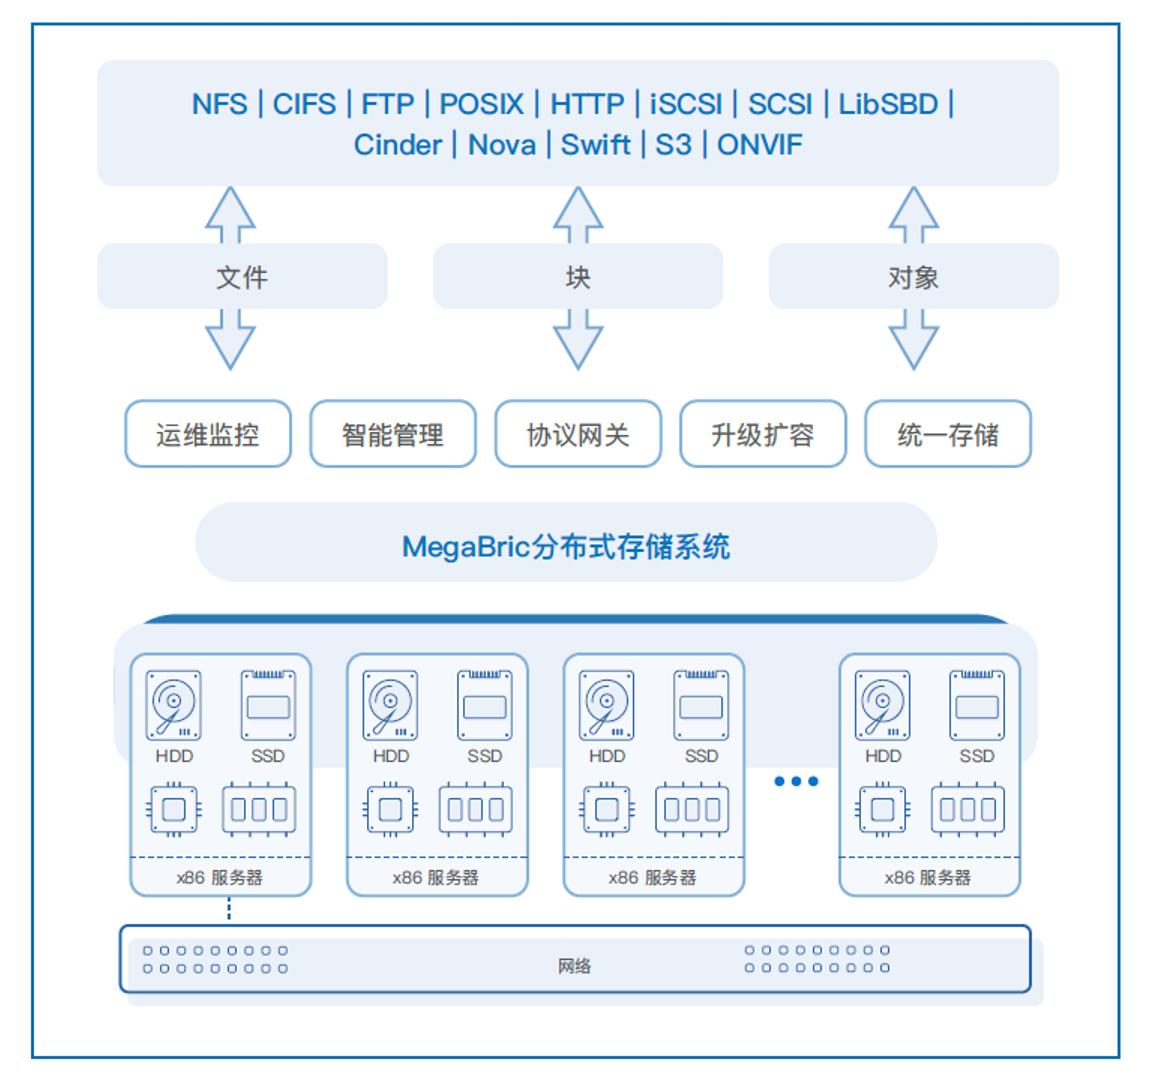 兆芯CPU加速企业级存储业务平滑迁移